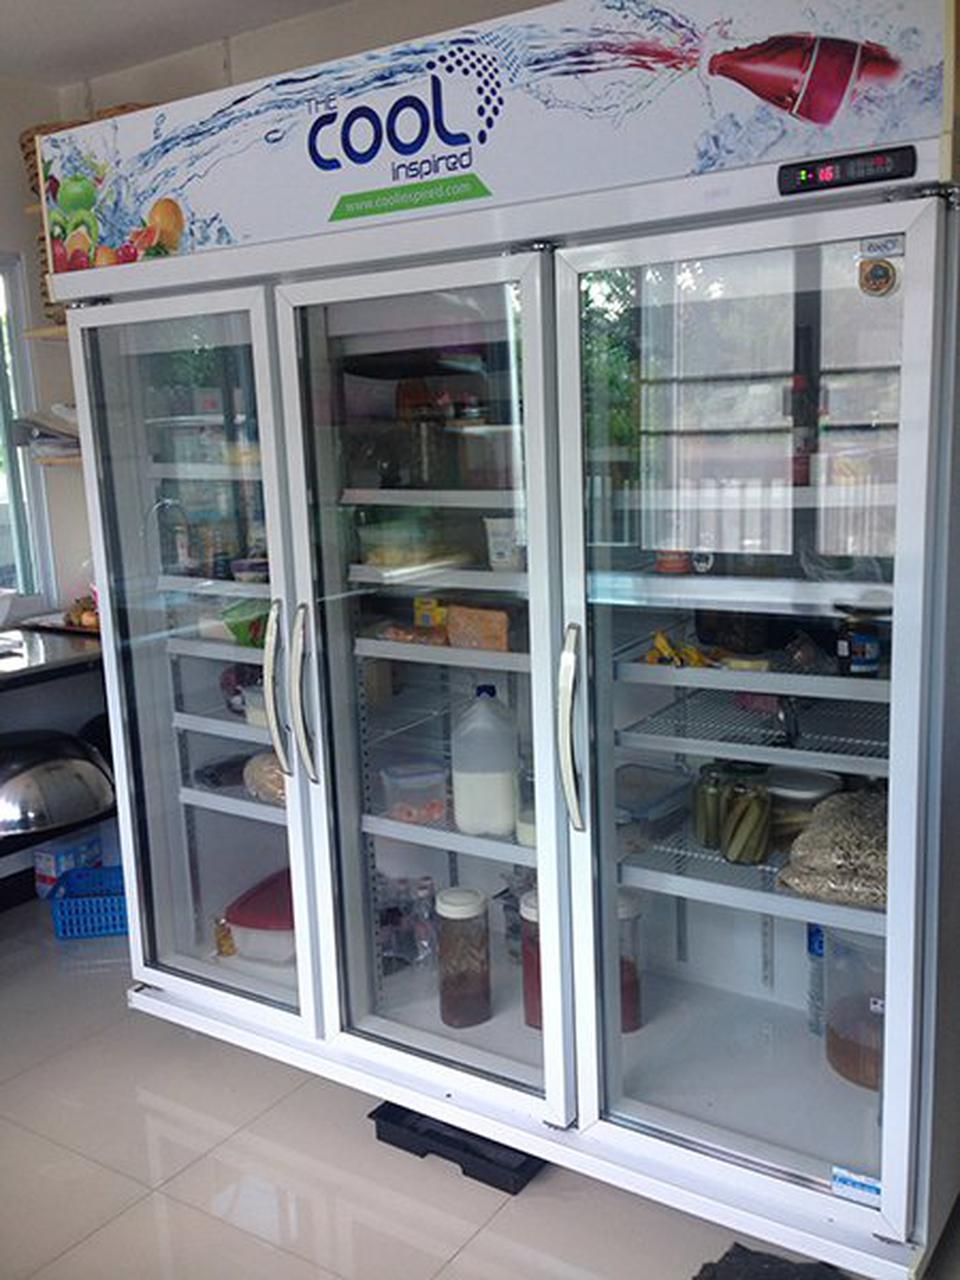 ขายตู้แข่เย็น 3 ประตู รูปที่ 2